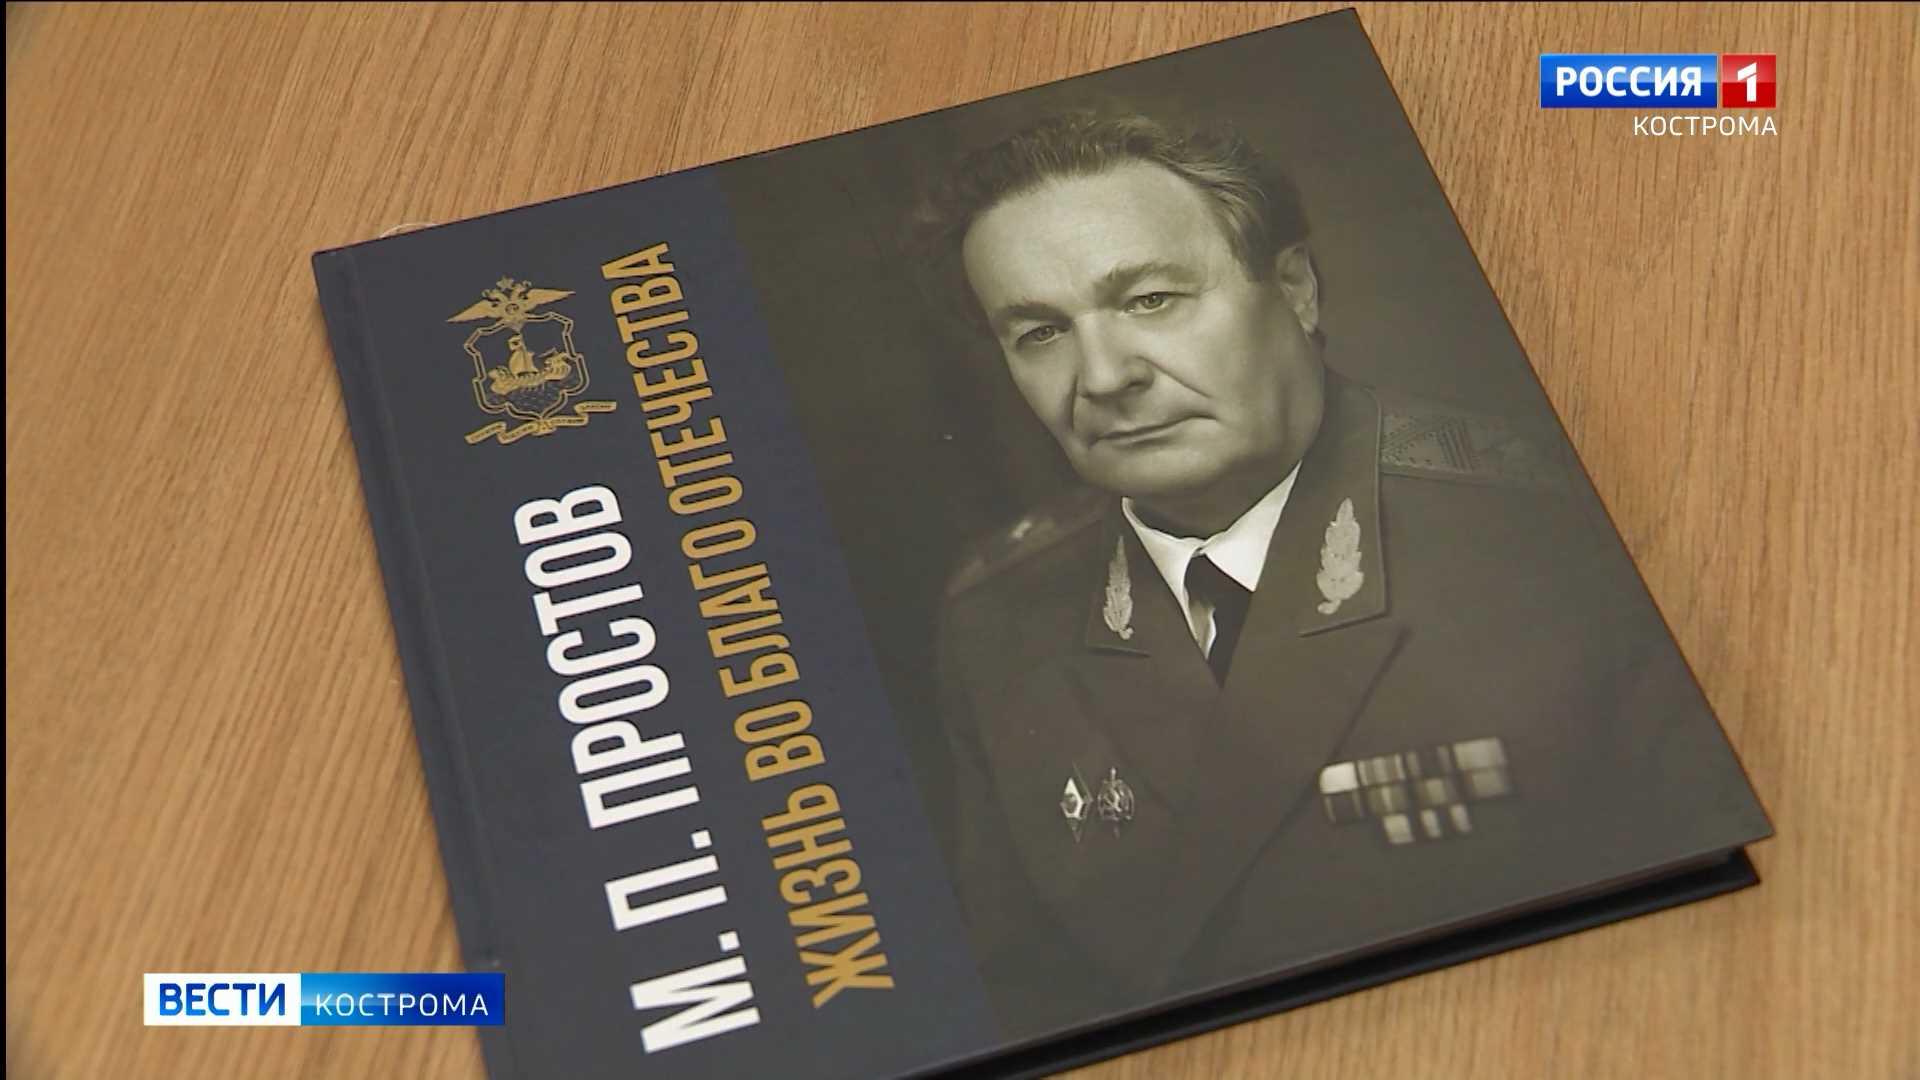 В Костроме прошла презентация книги о генерале МВД Михаиле Простове